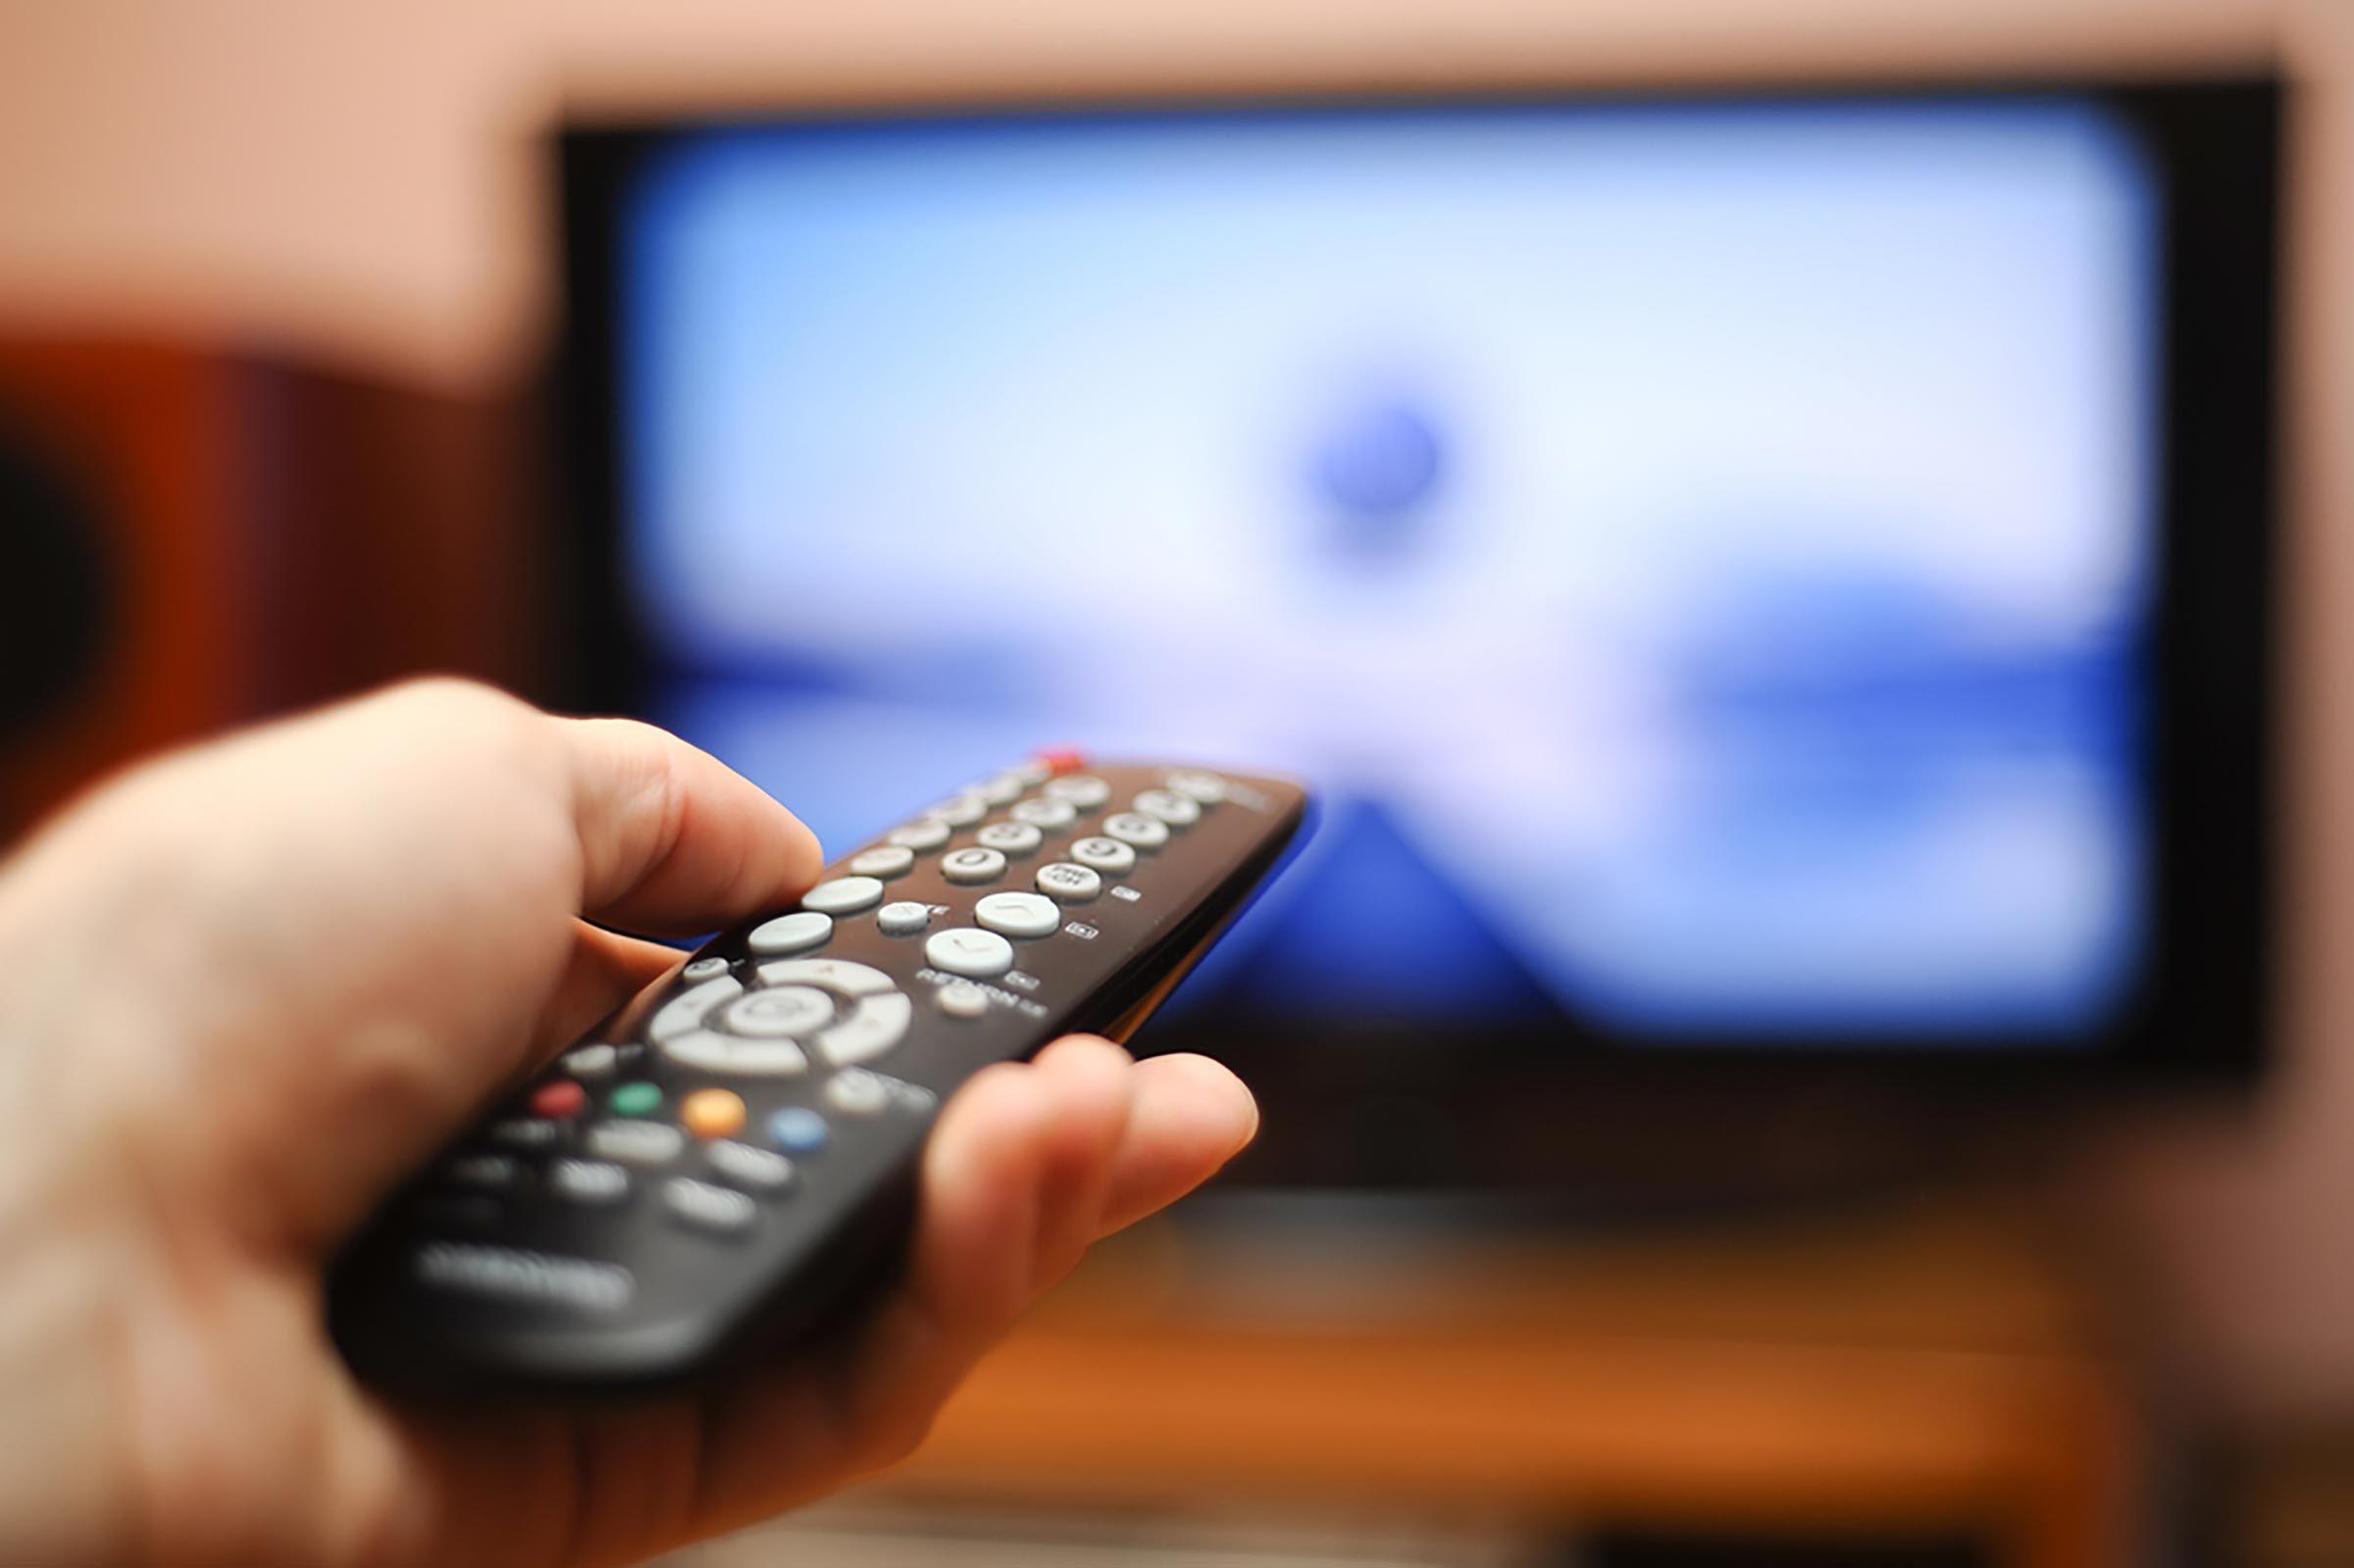 Fixez la télécommande de la télévision sous l'extrémité de la table du salon